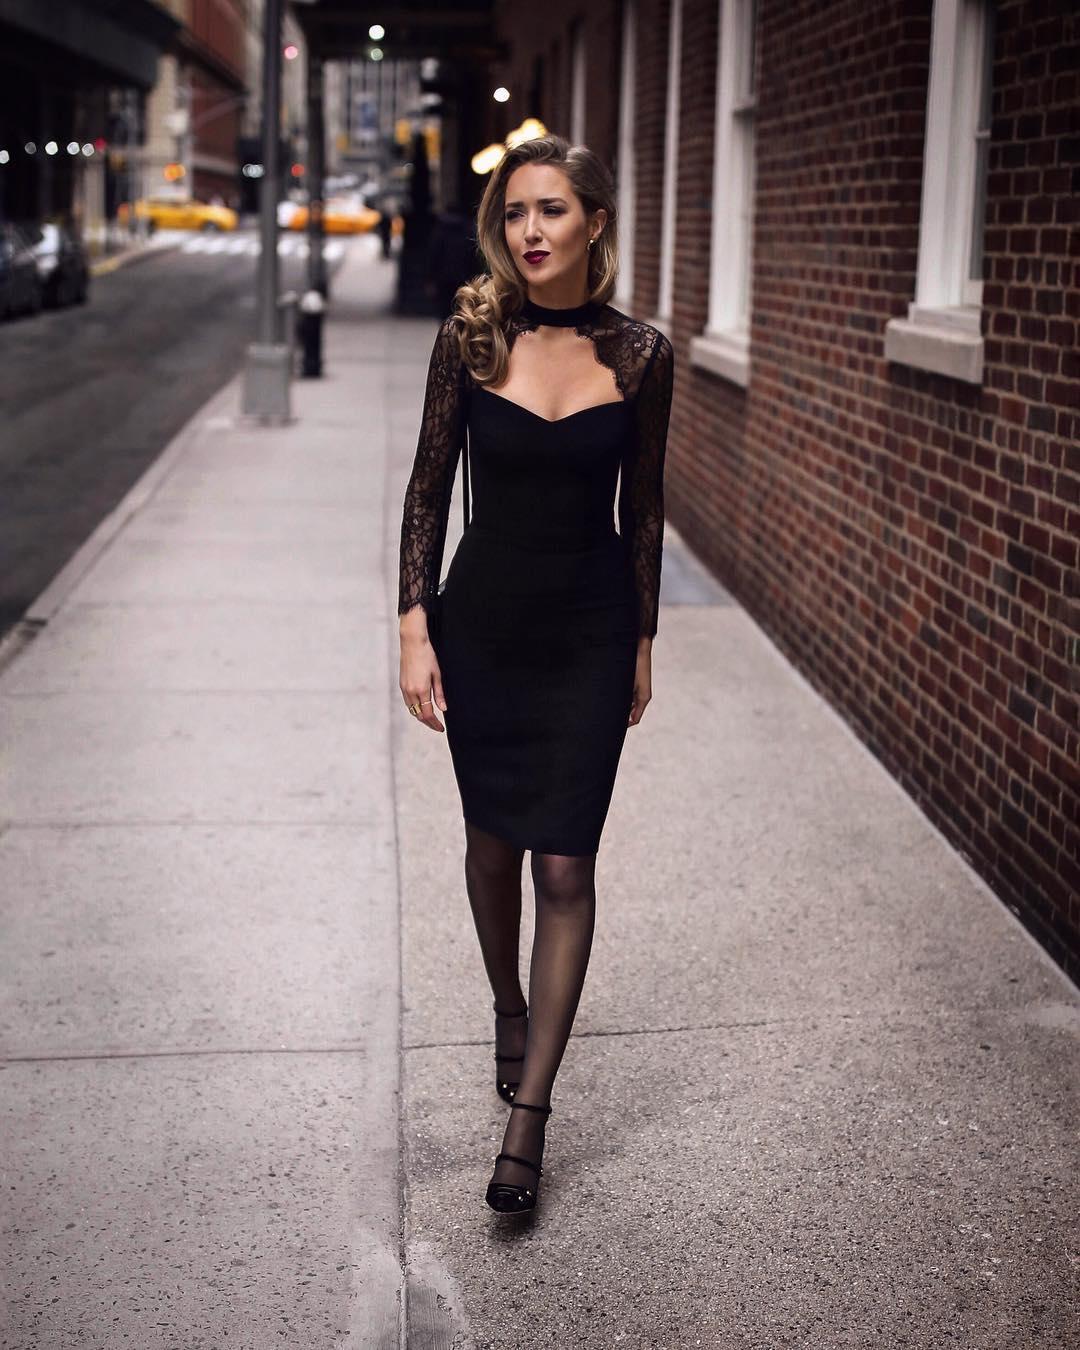 самый черное платье с туфлями картинки первой отец